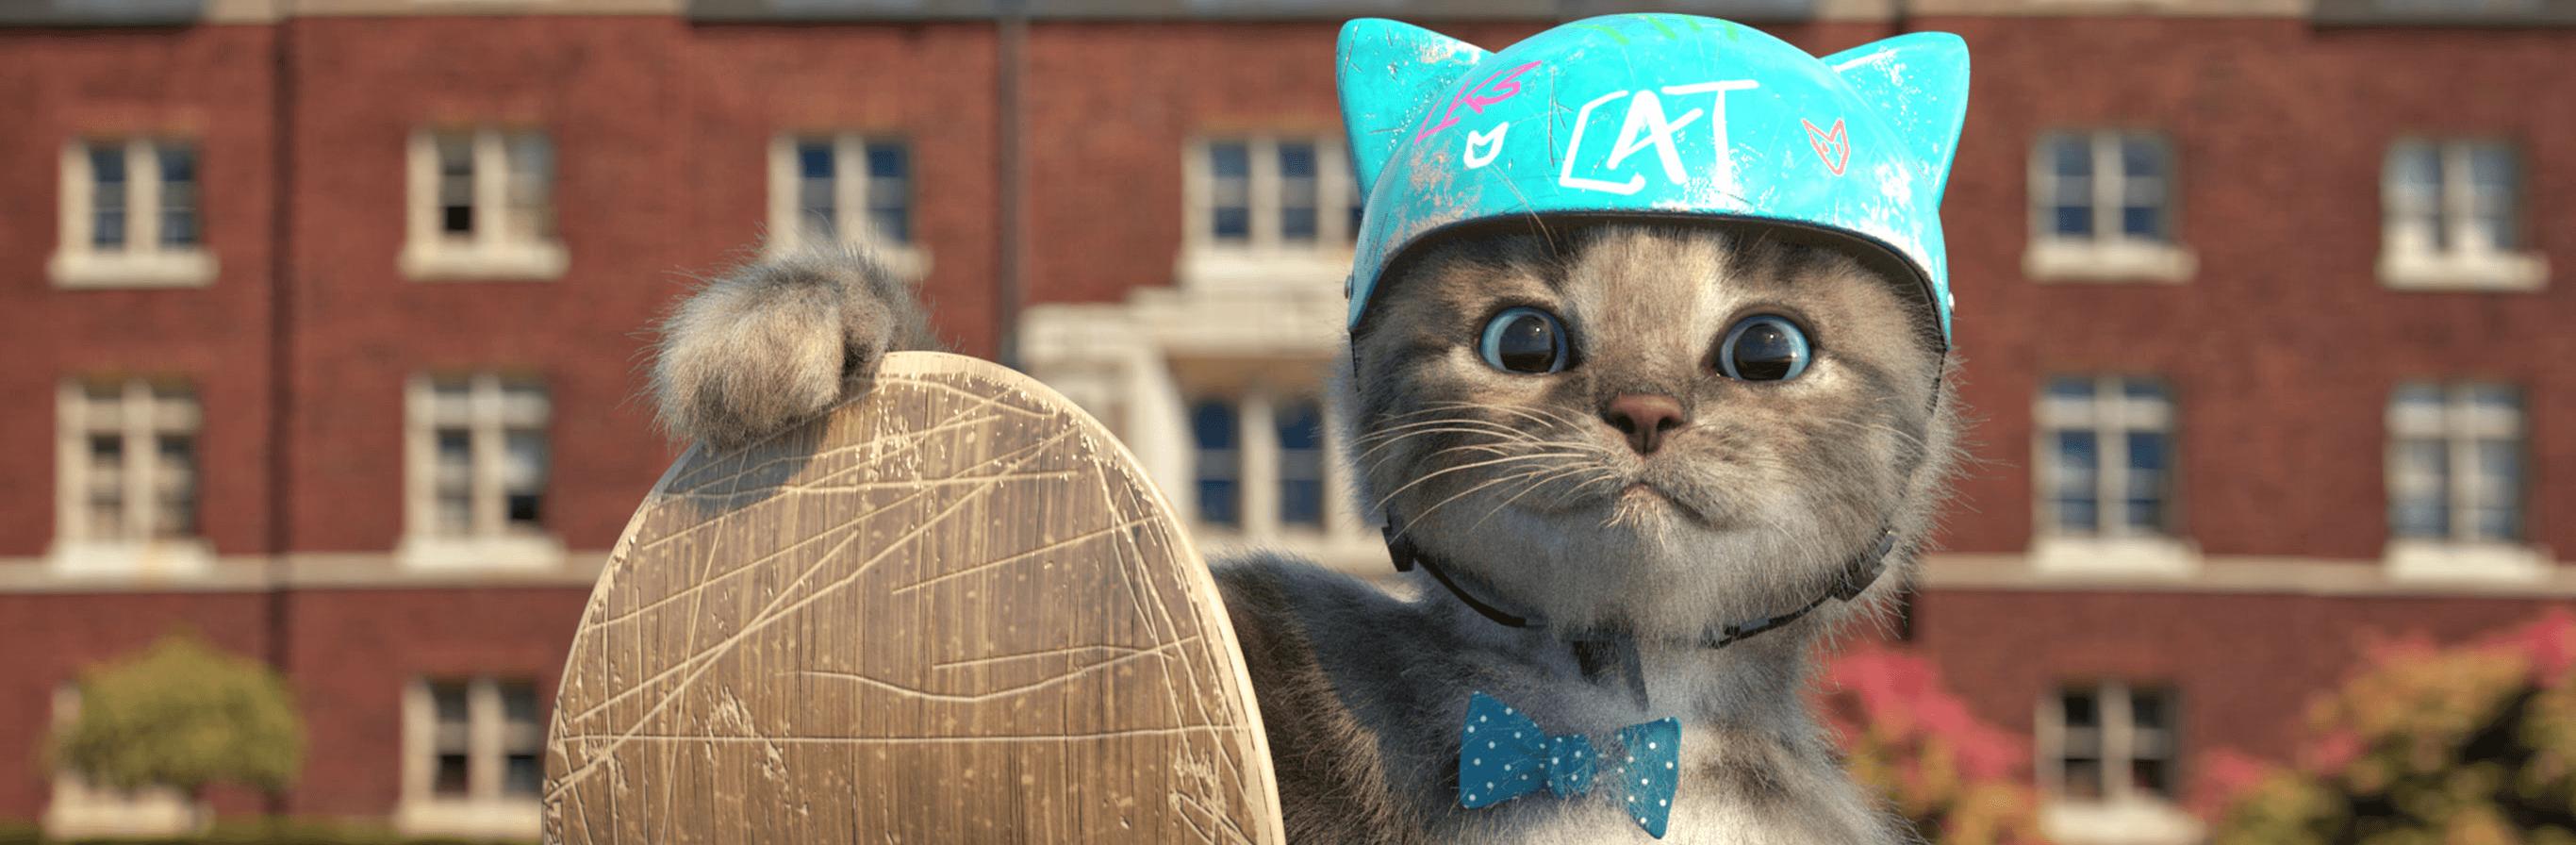 [已购]小猫学前班-草蜢资源